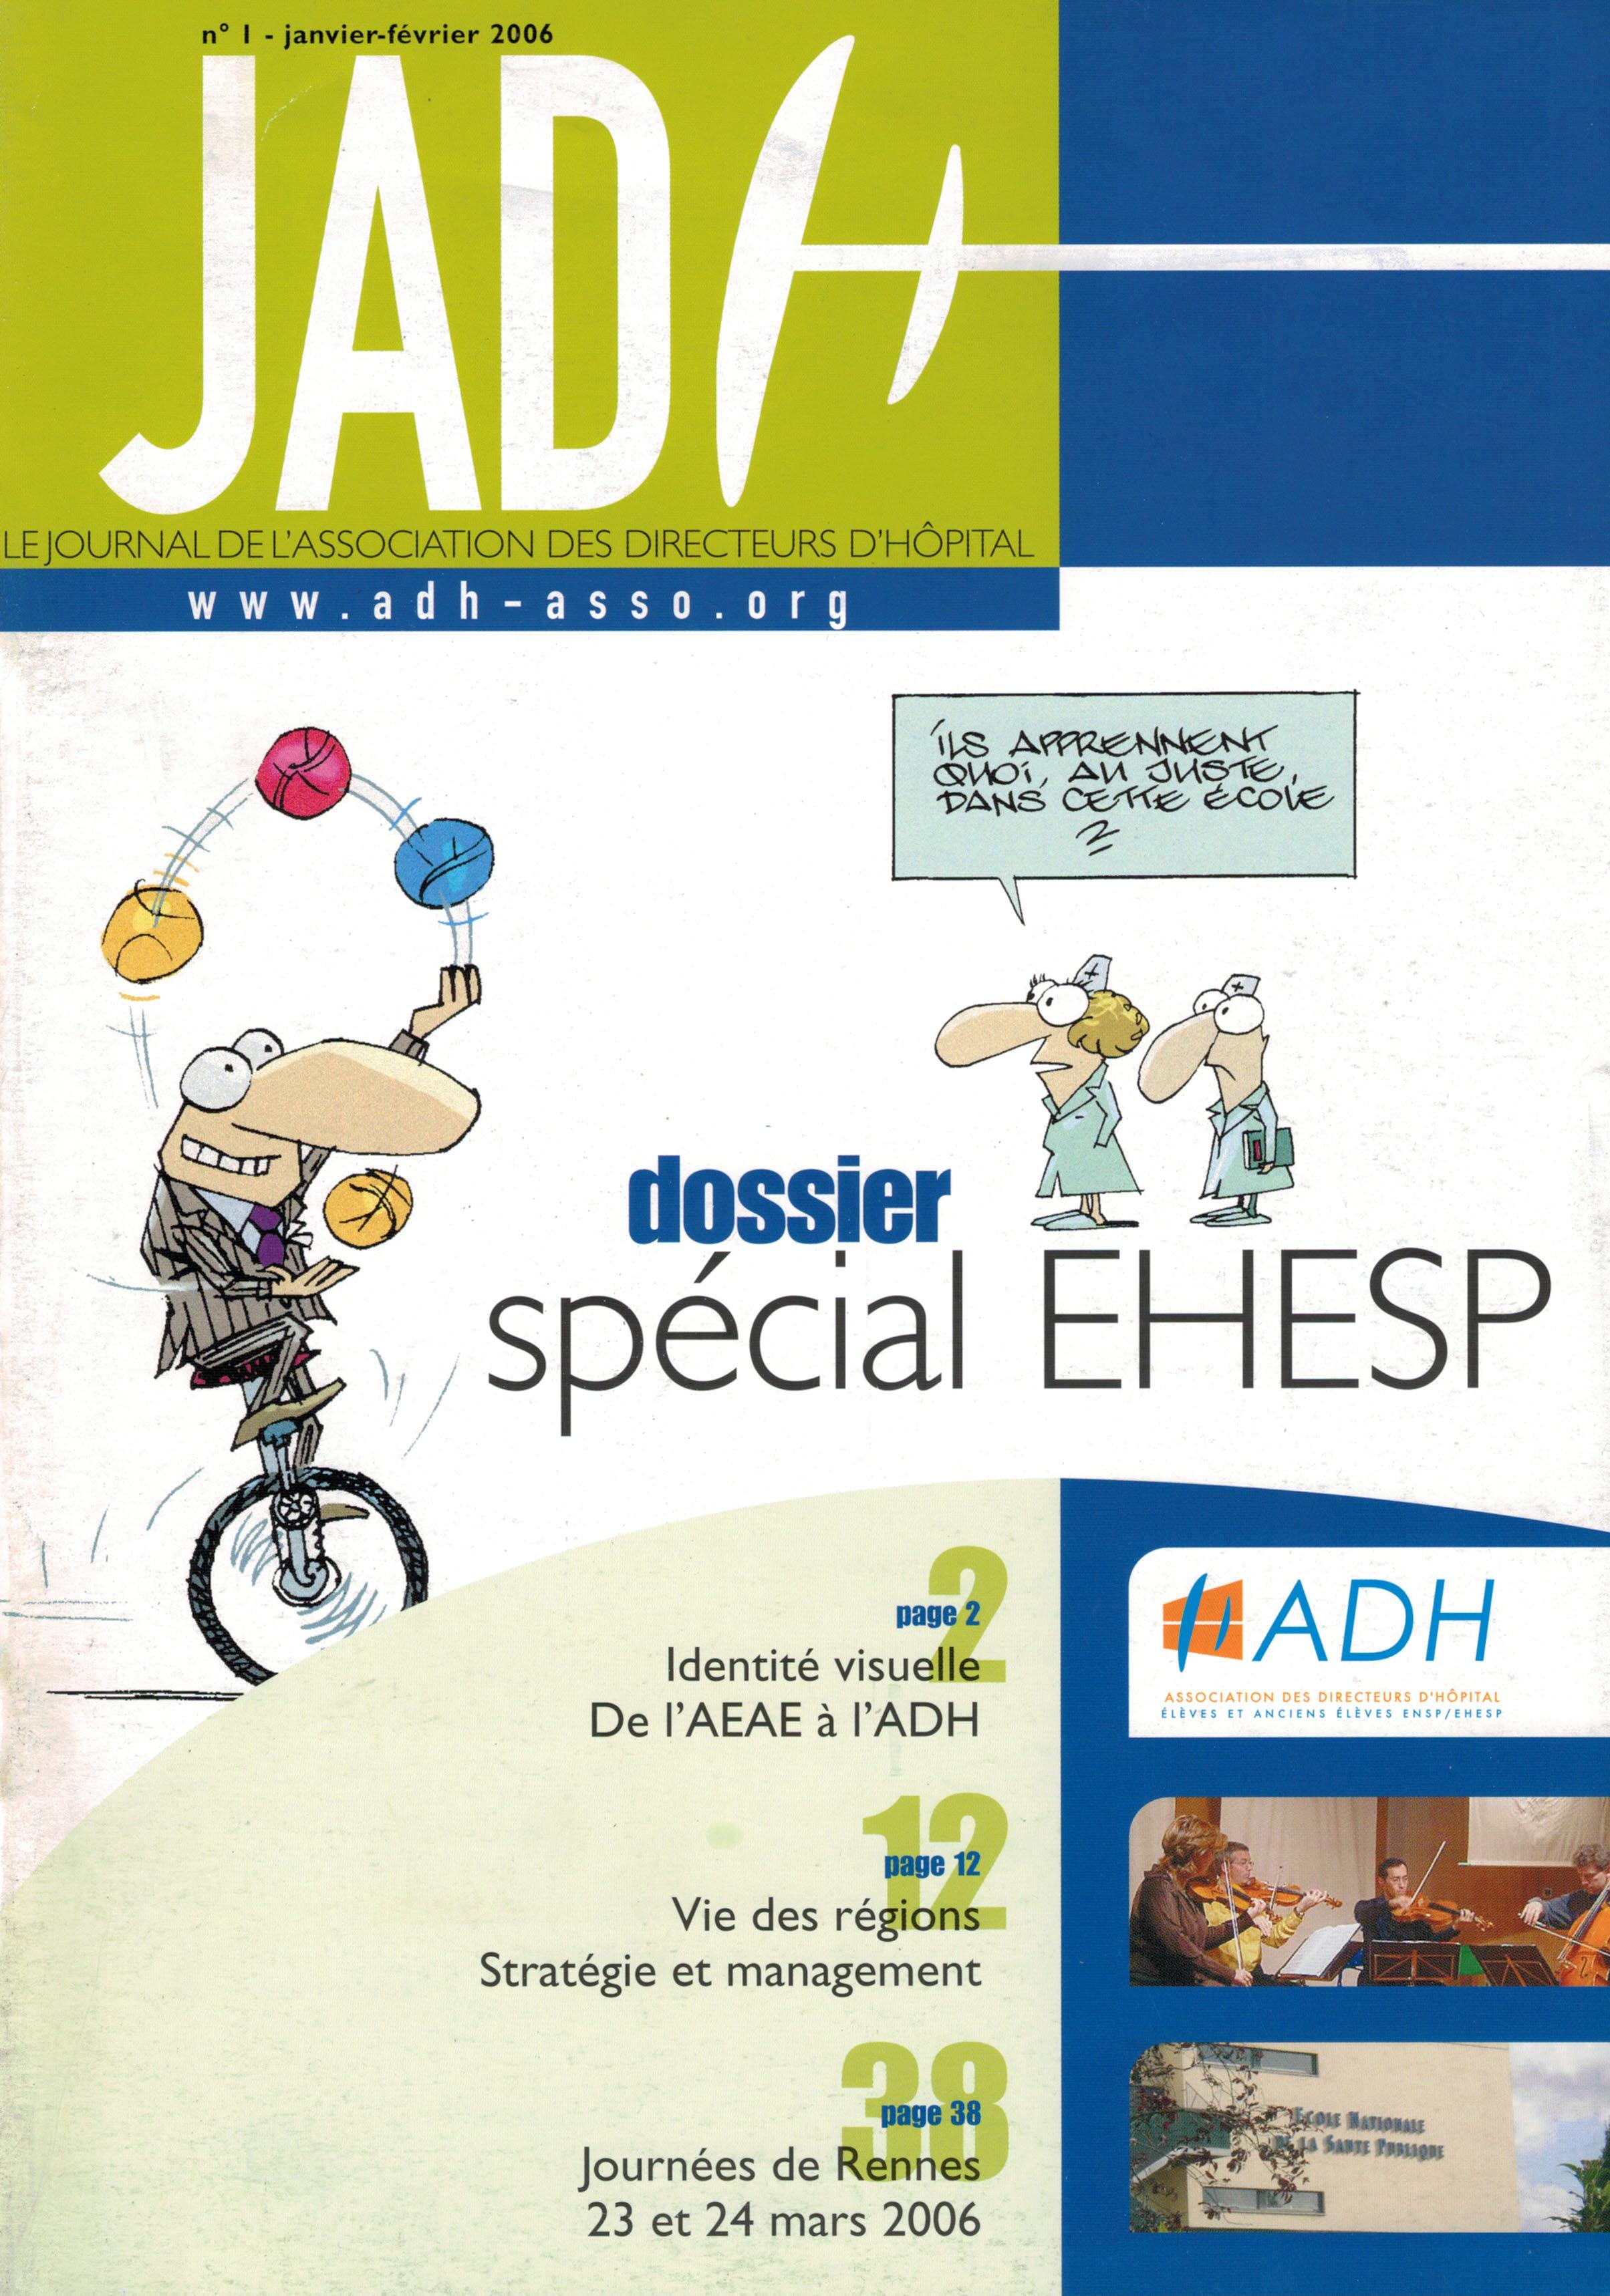 JADH 1 – janvier/février 2006